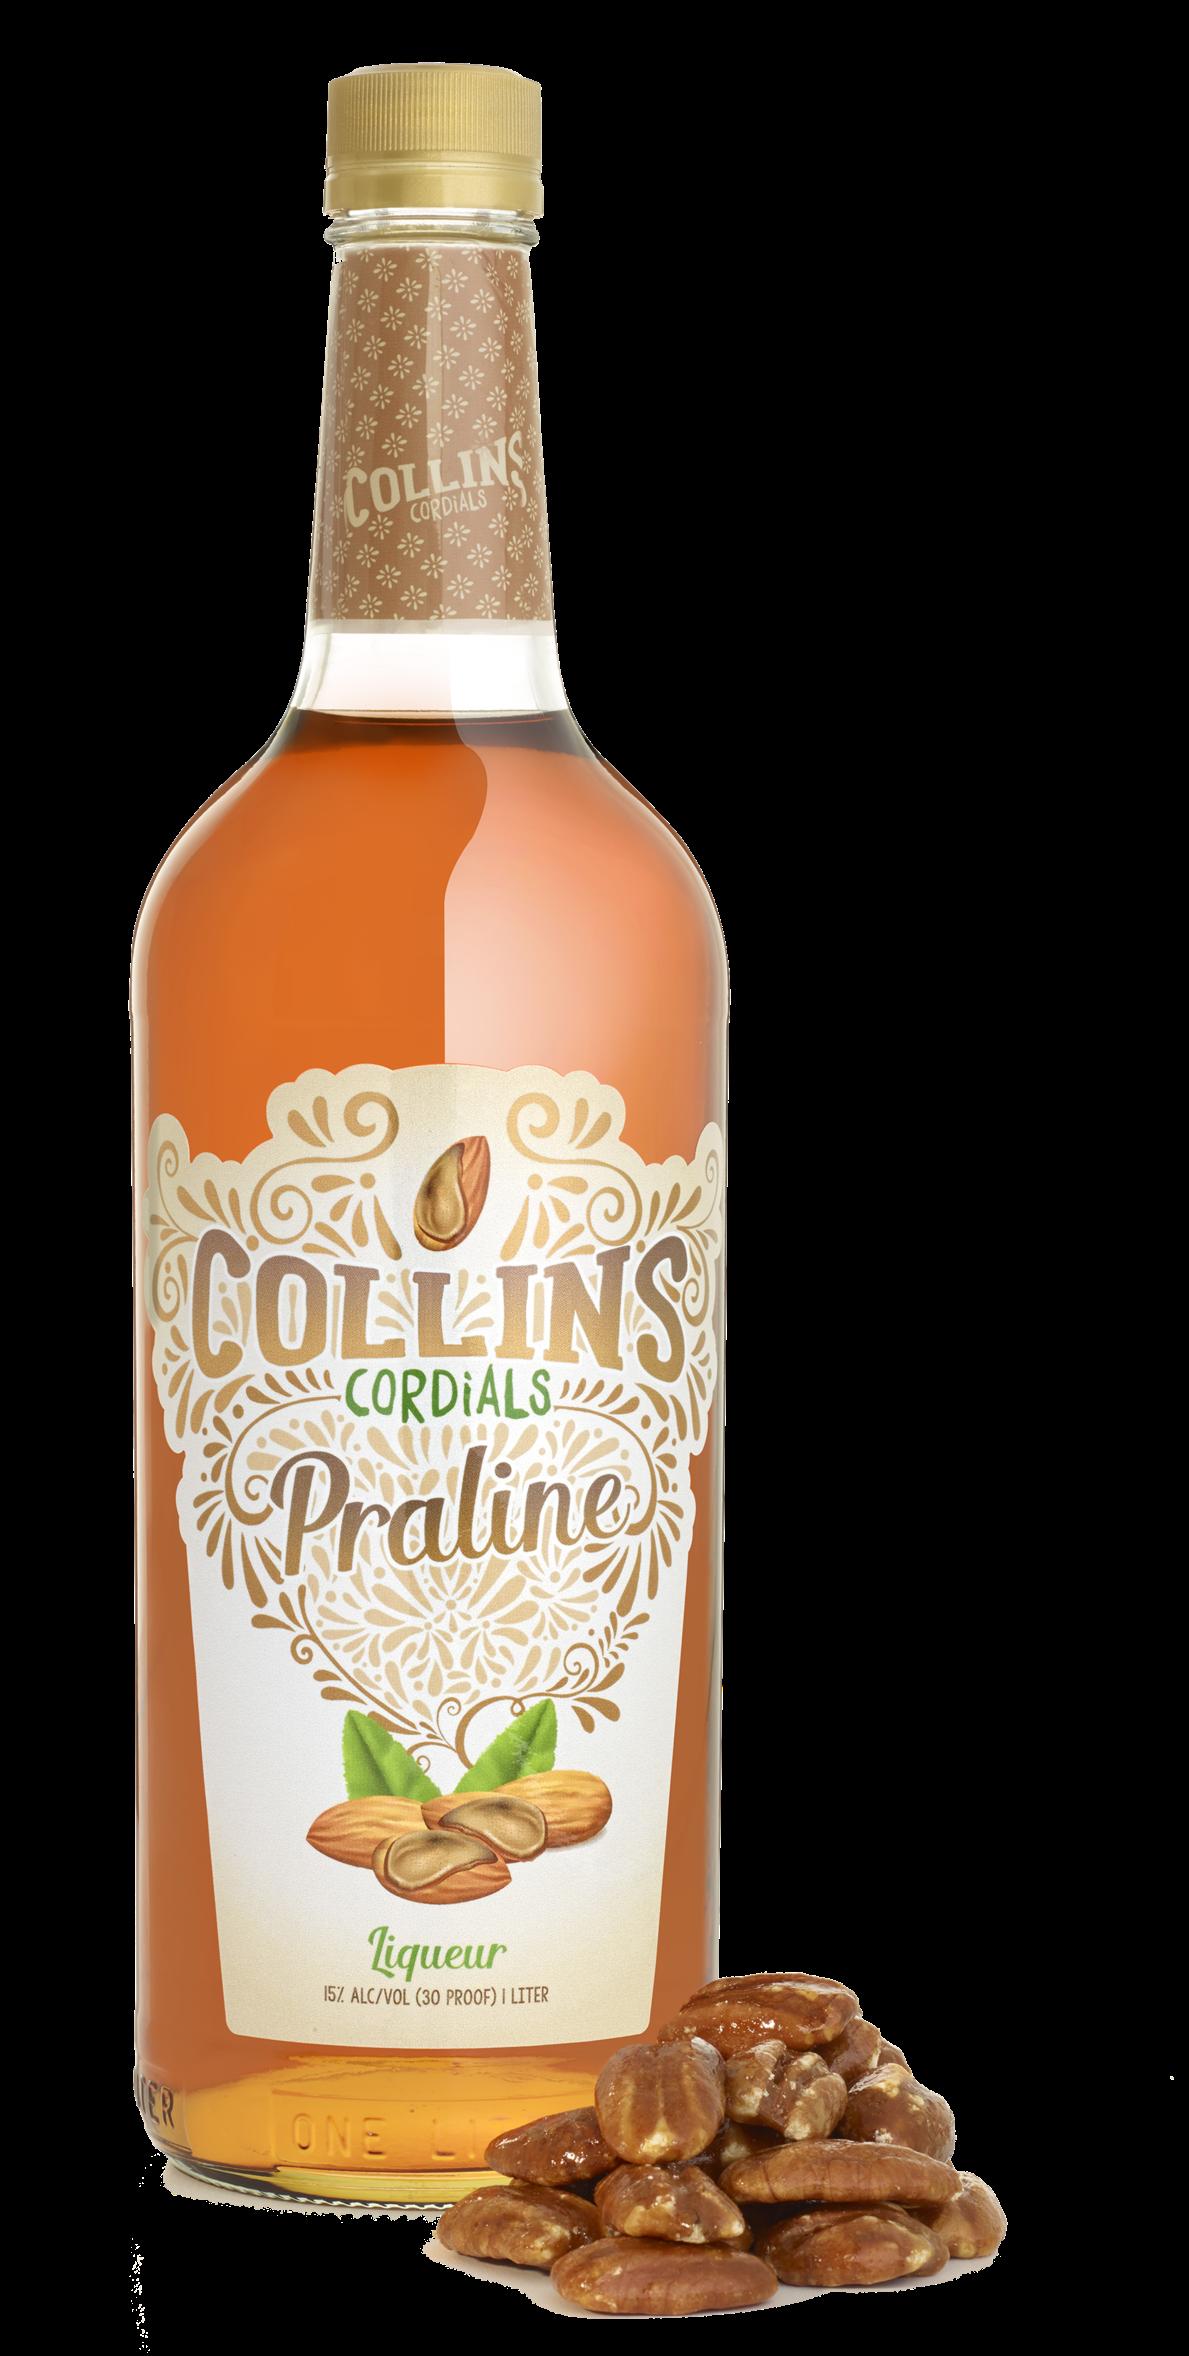 Praline Liqueur | Collins Cordials